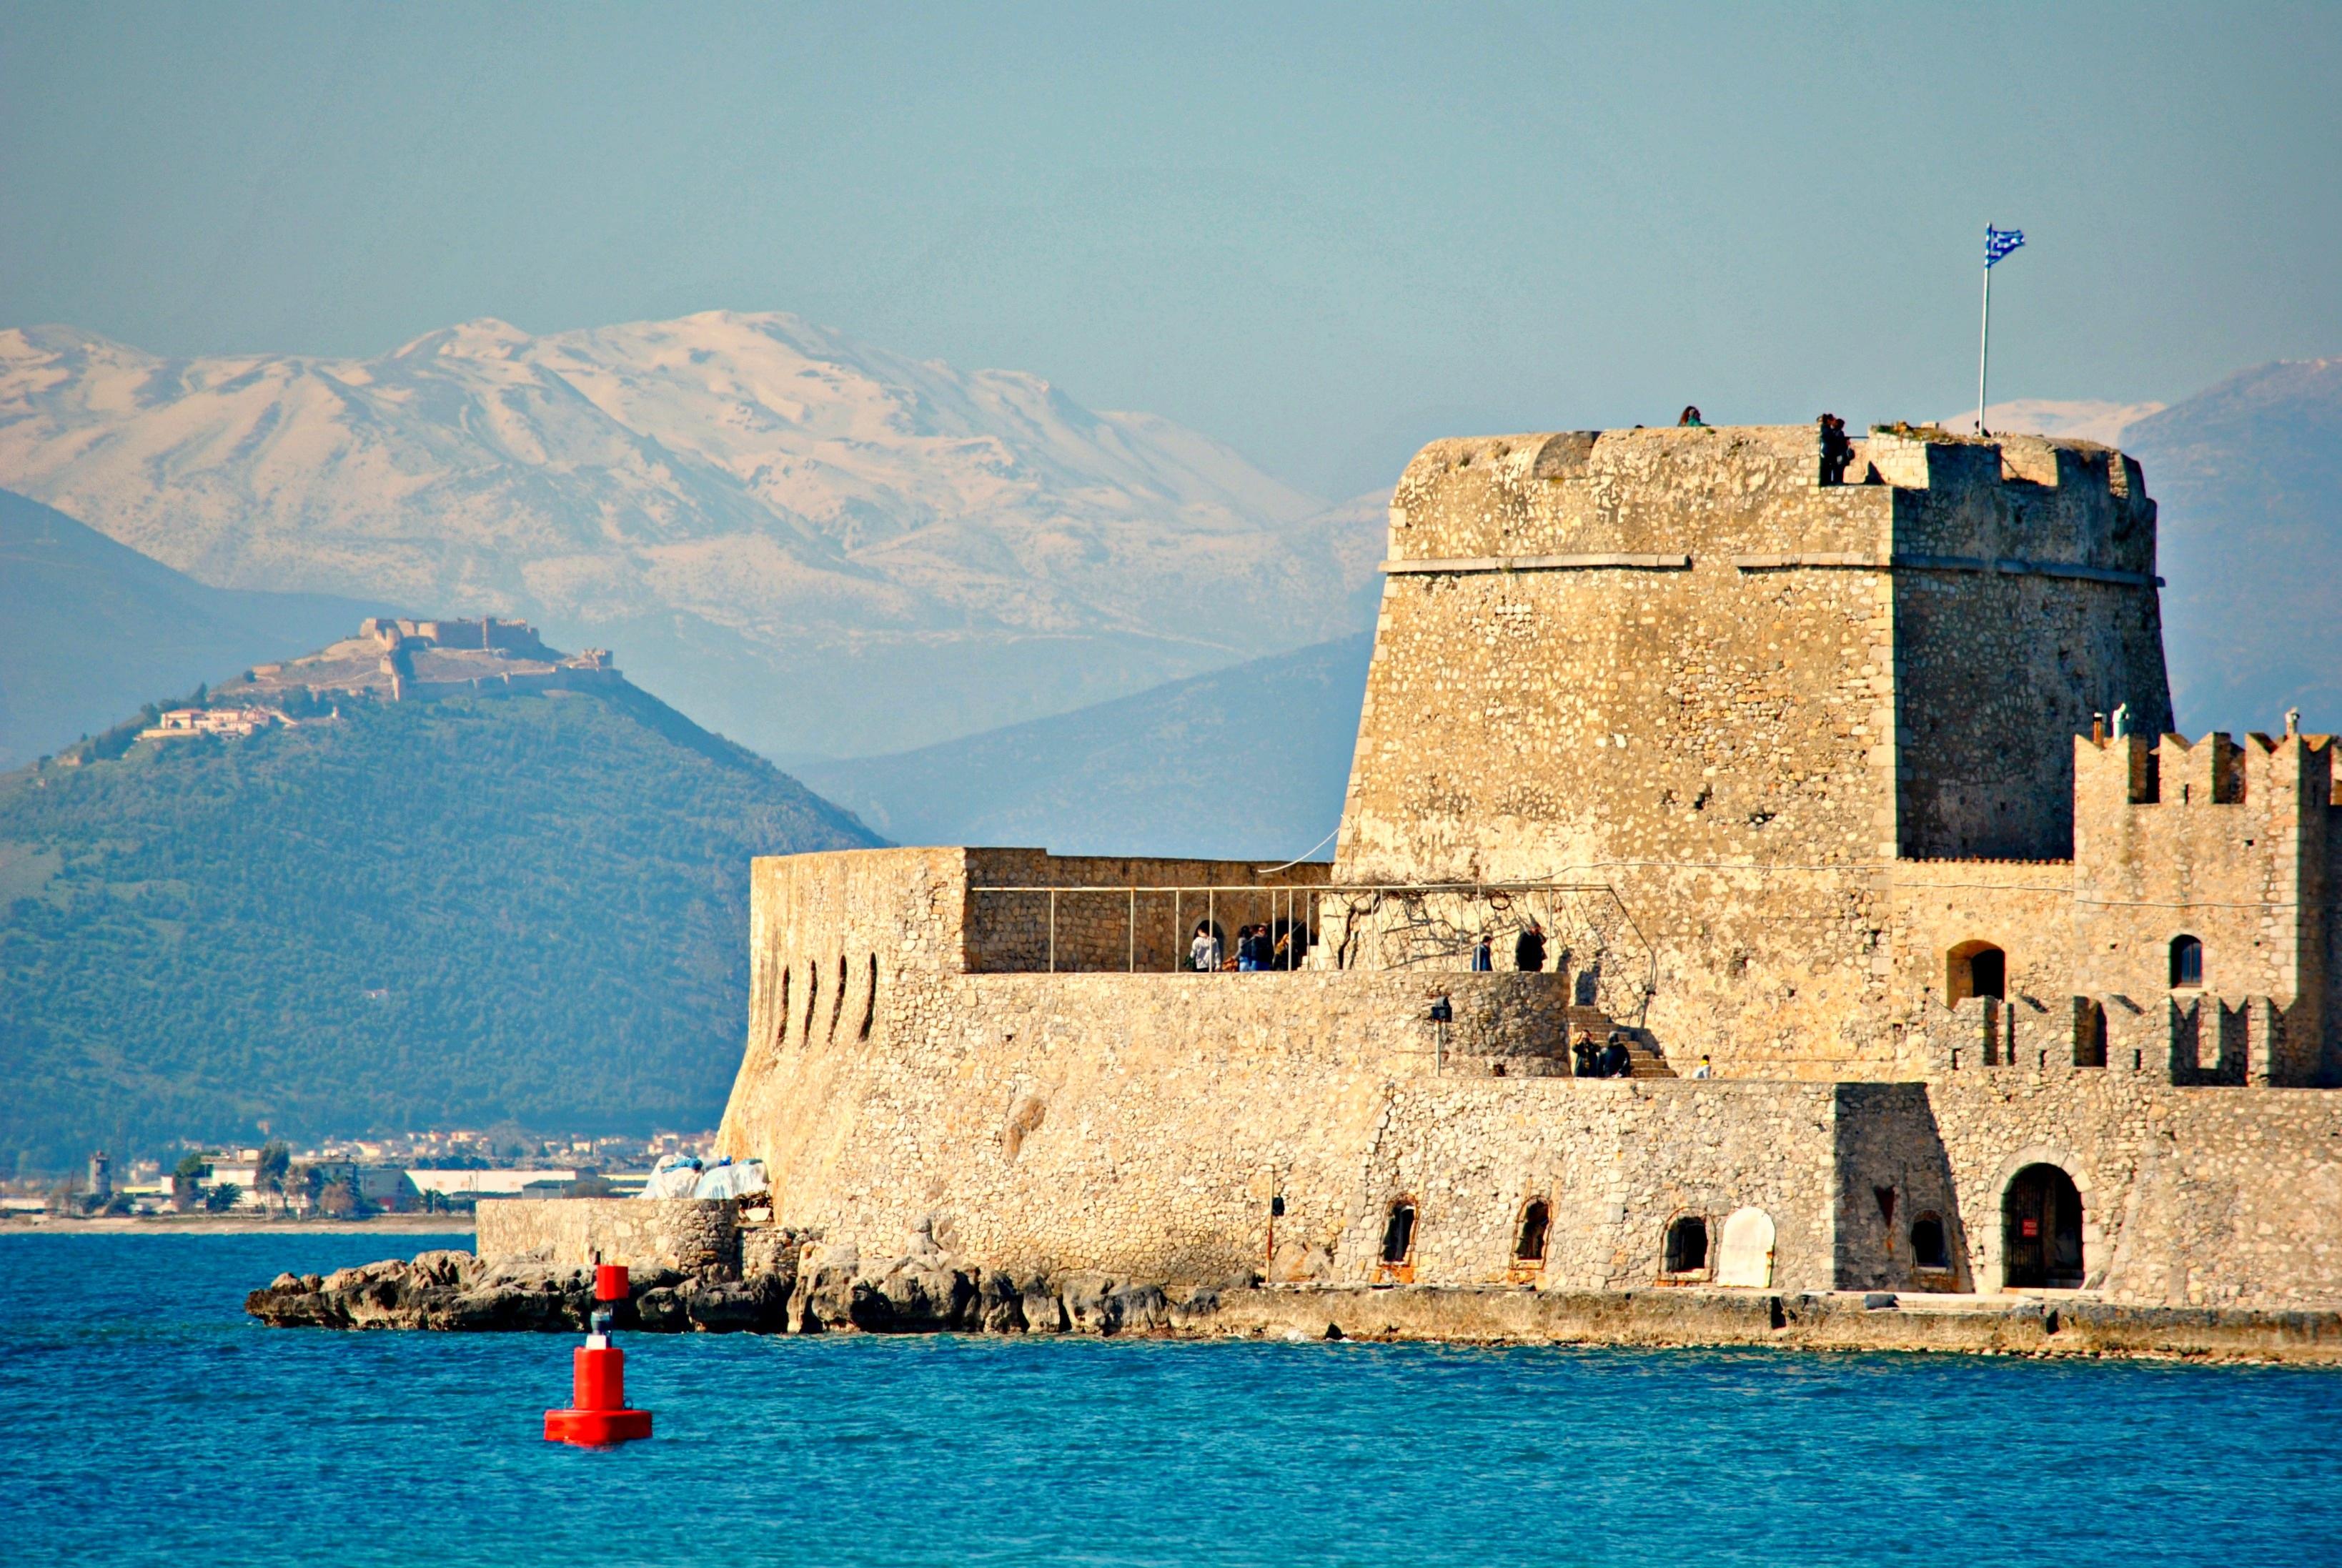 Yunan Rhodes - güneşli adanın turistik mekanları